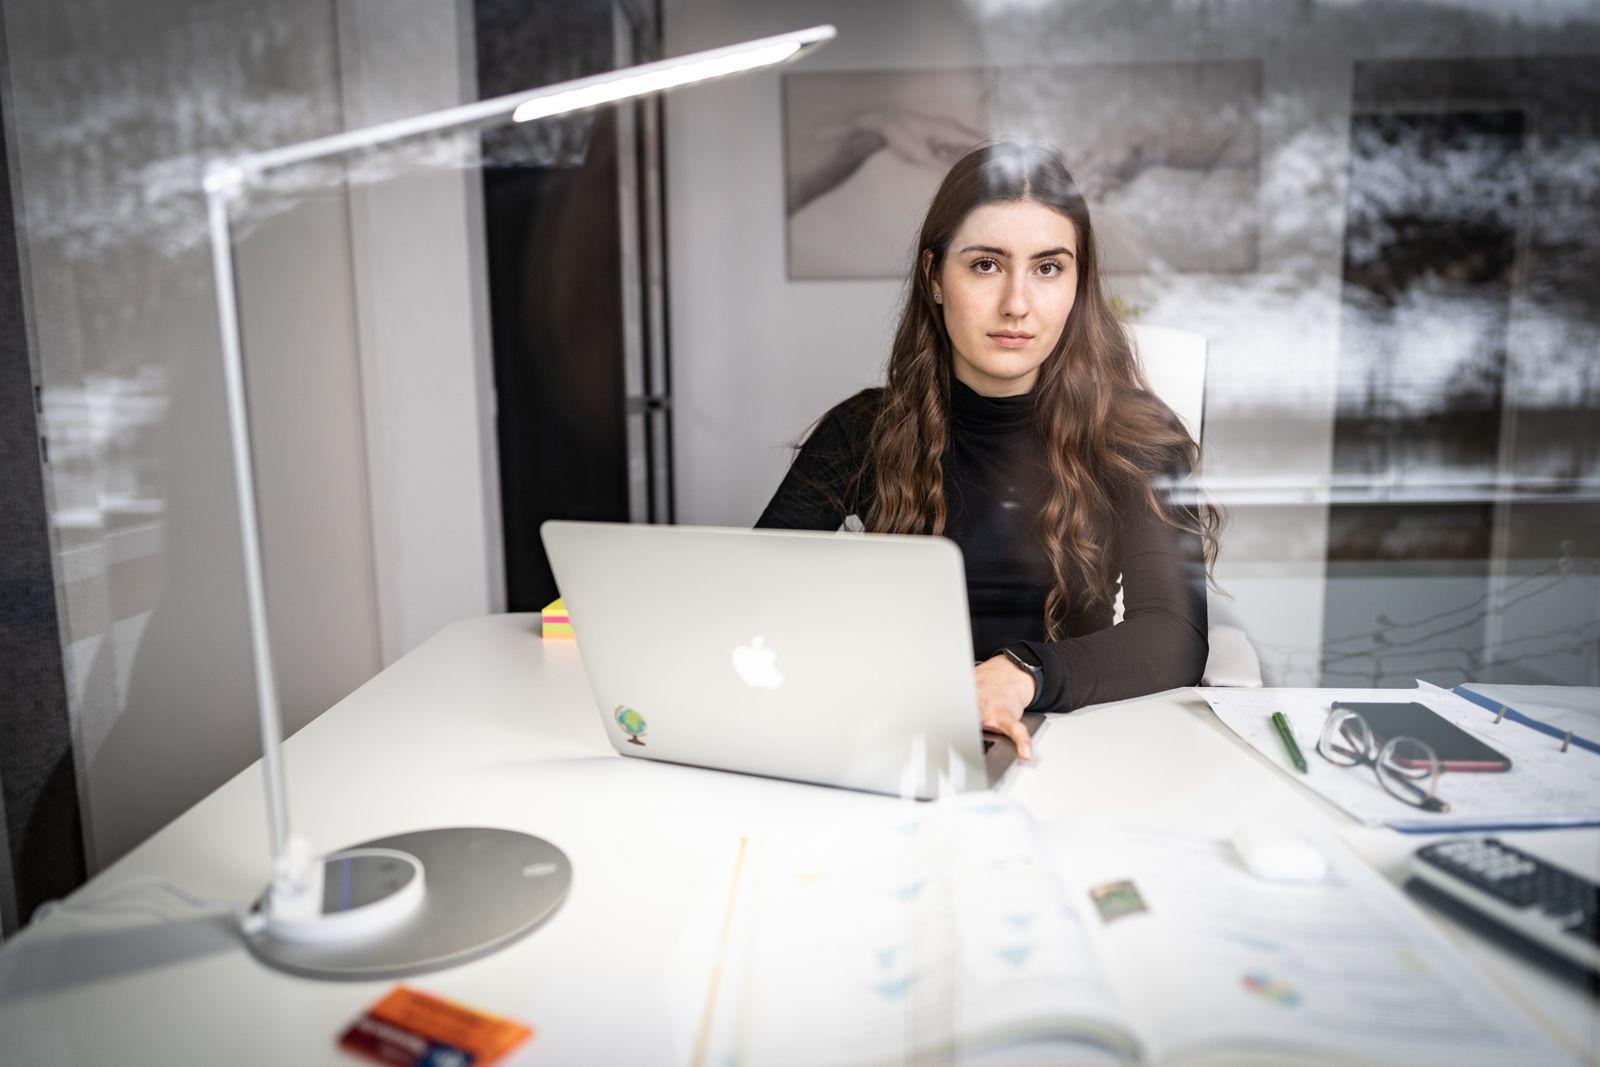 Julia schäfer   Schülerin   Online-Unterricht   26.01.2021